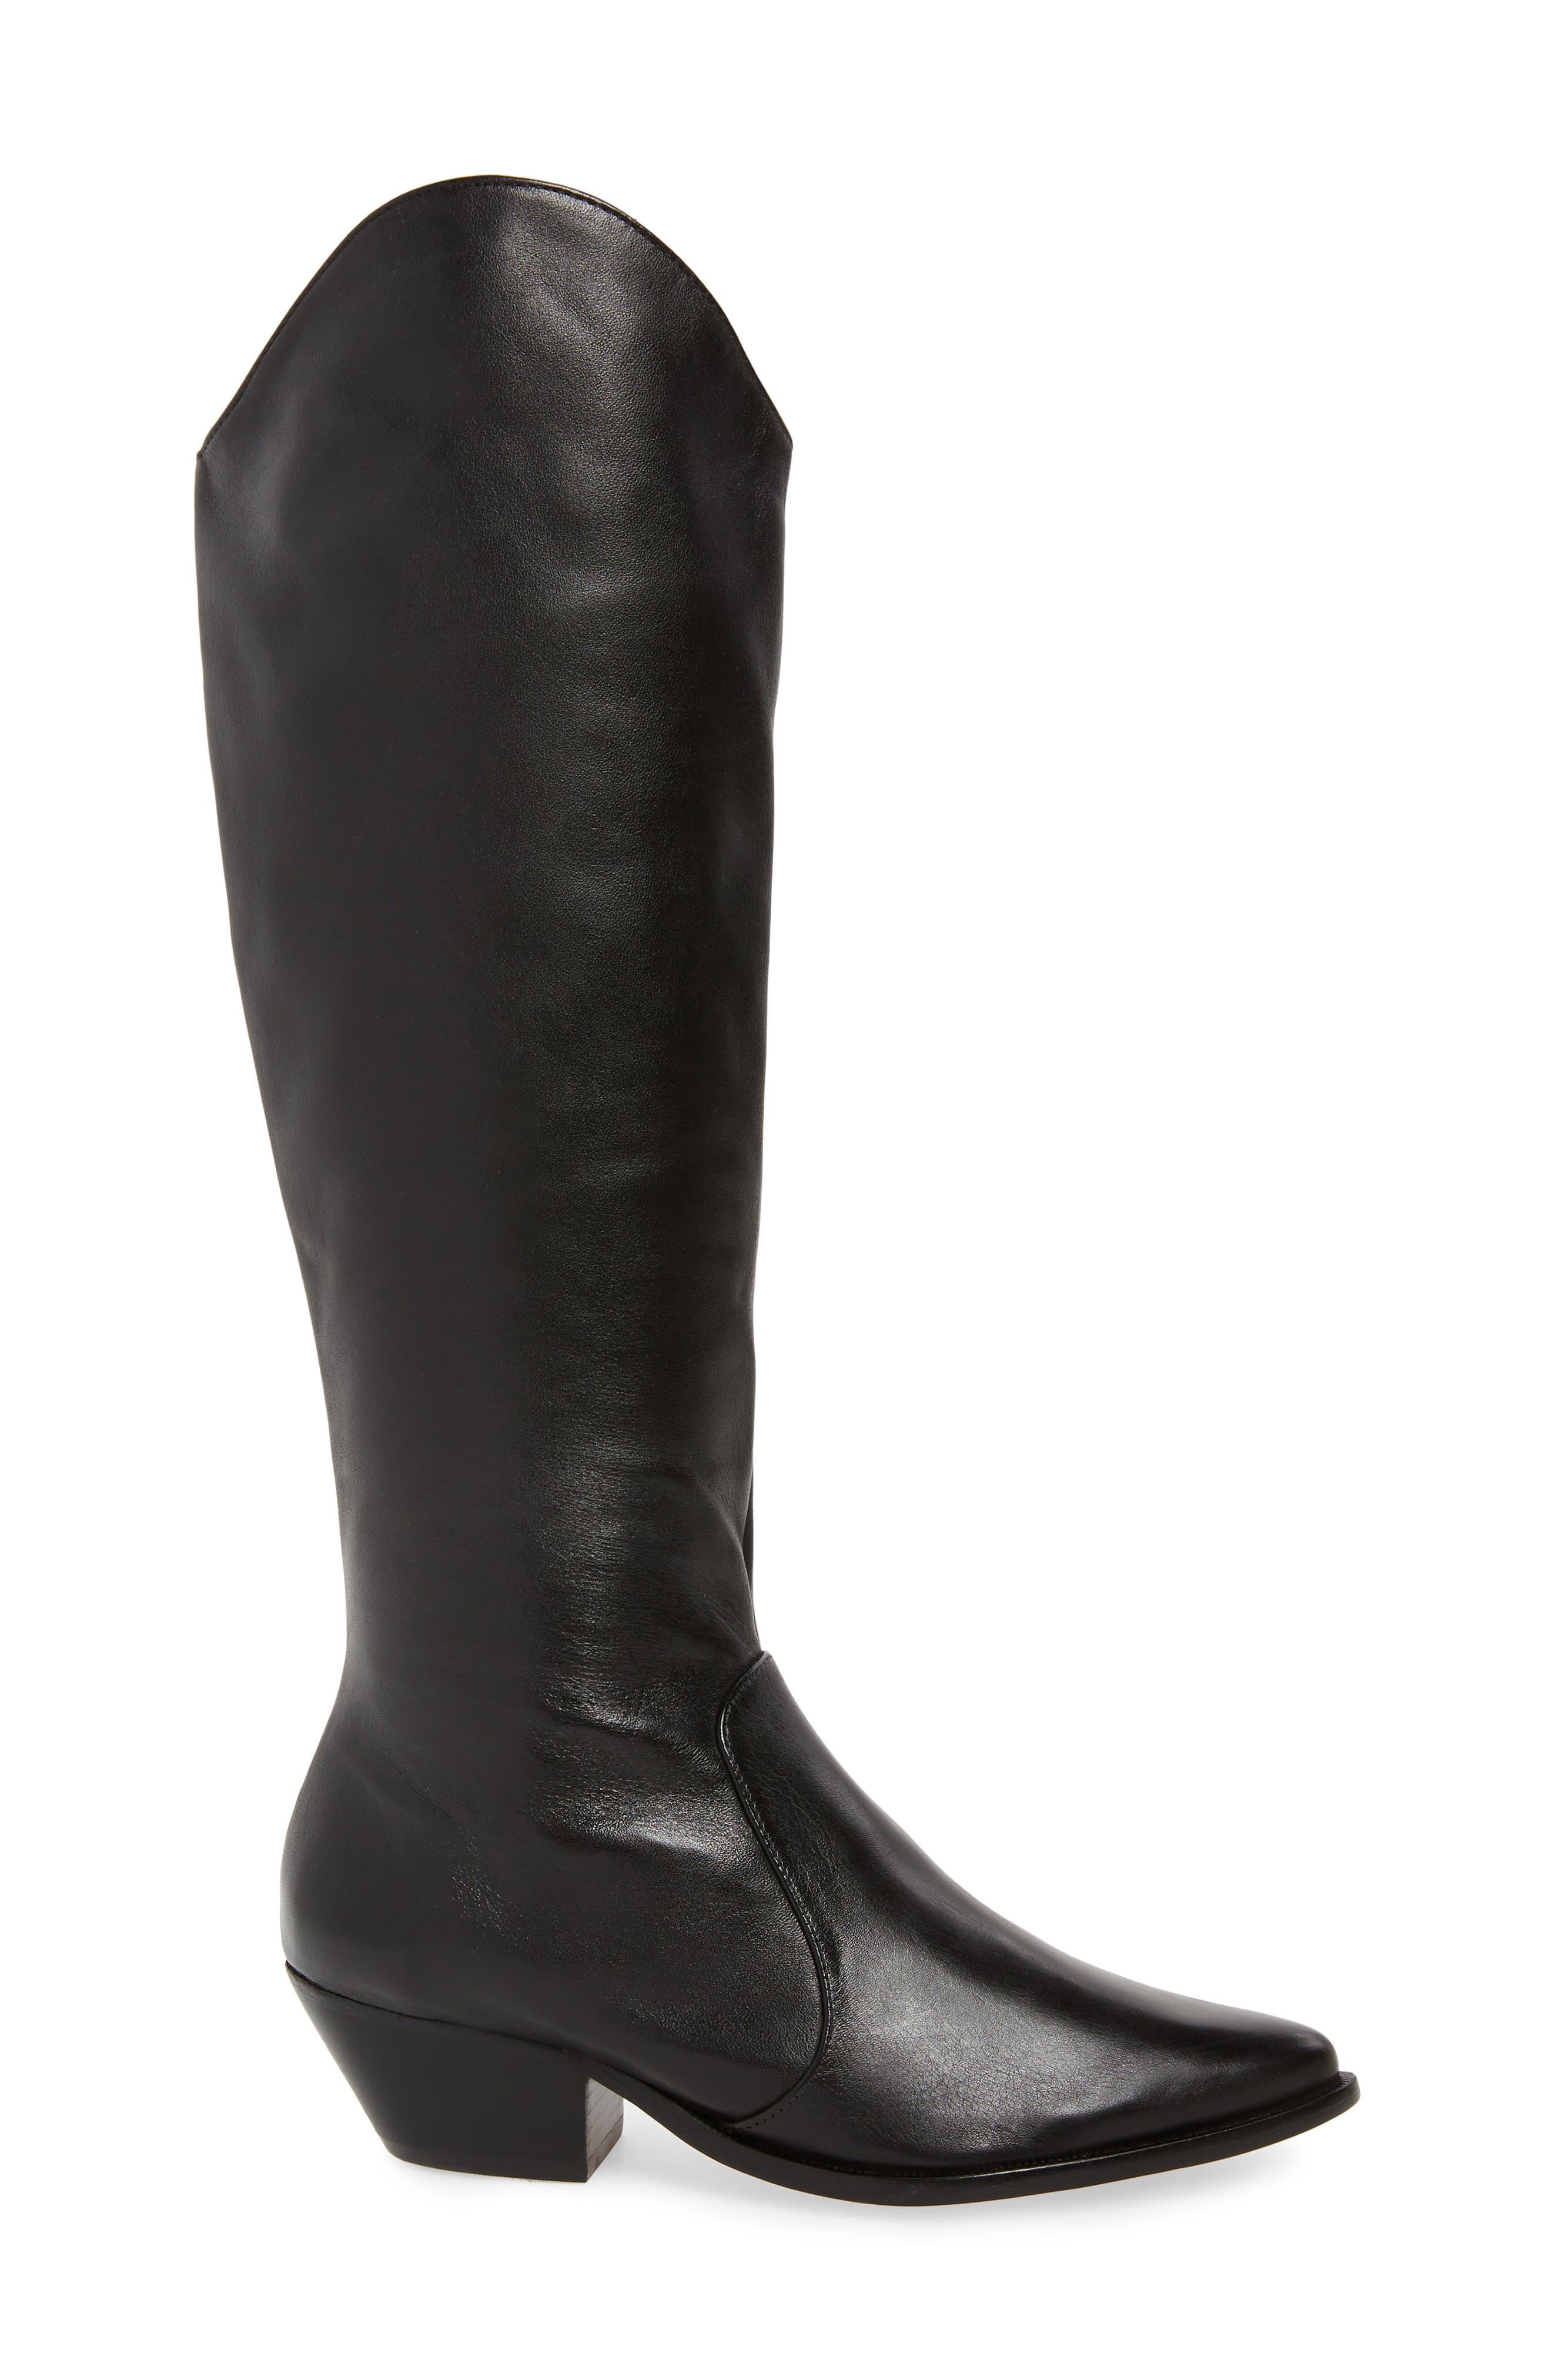 Fantinne Knee High Boot,                             Alternate thumbnail 3, color,                             BLACK LEATHER